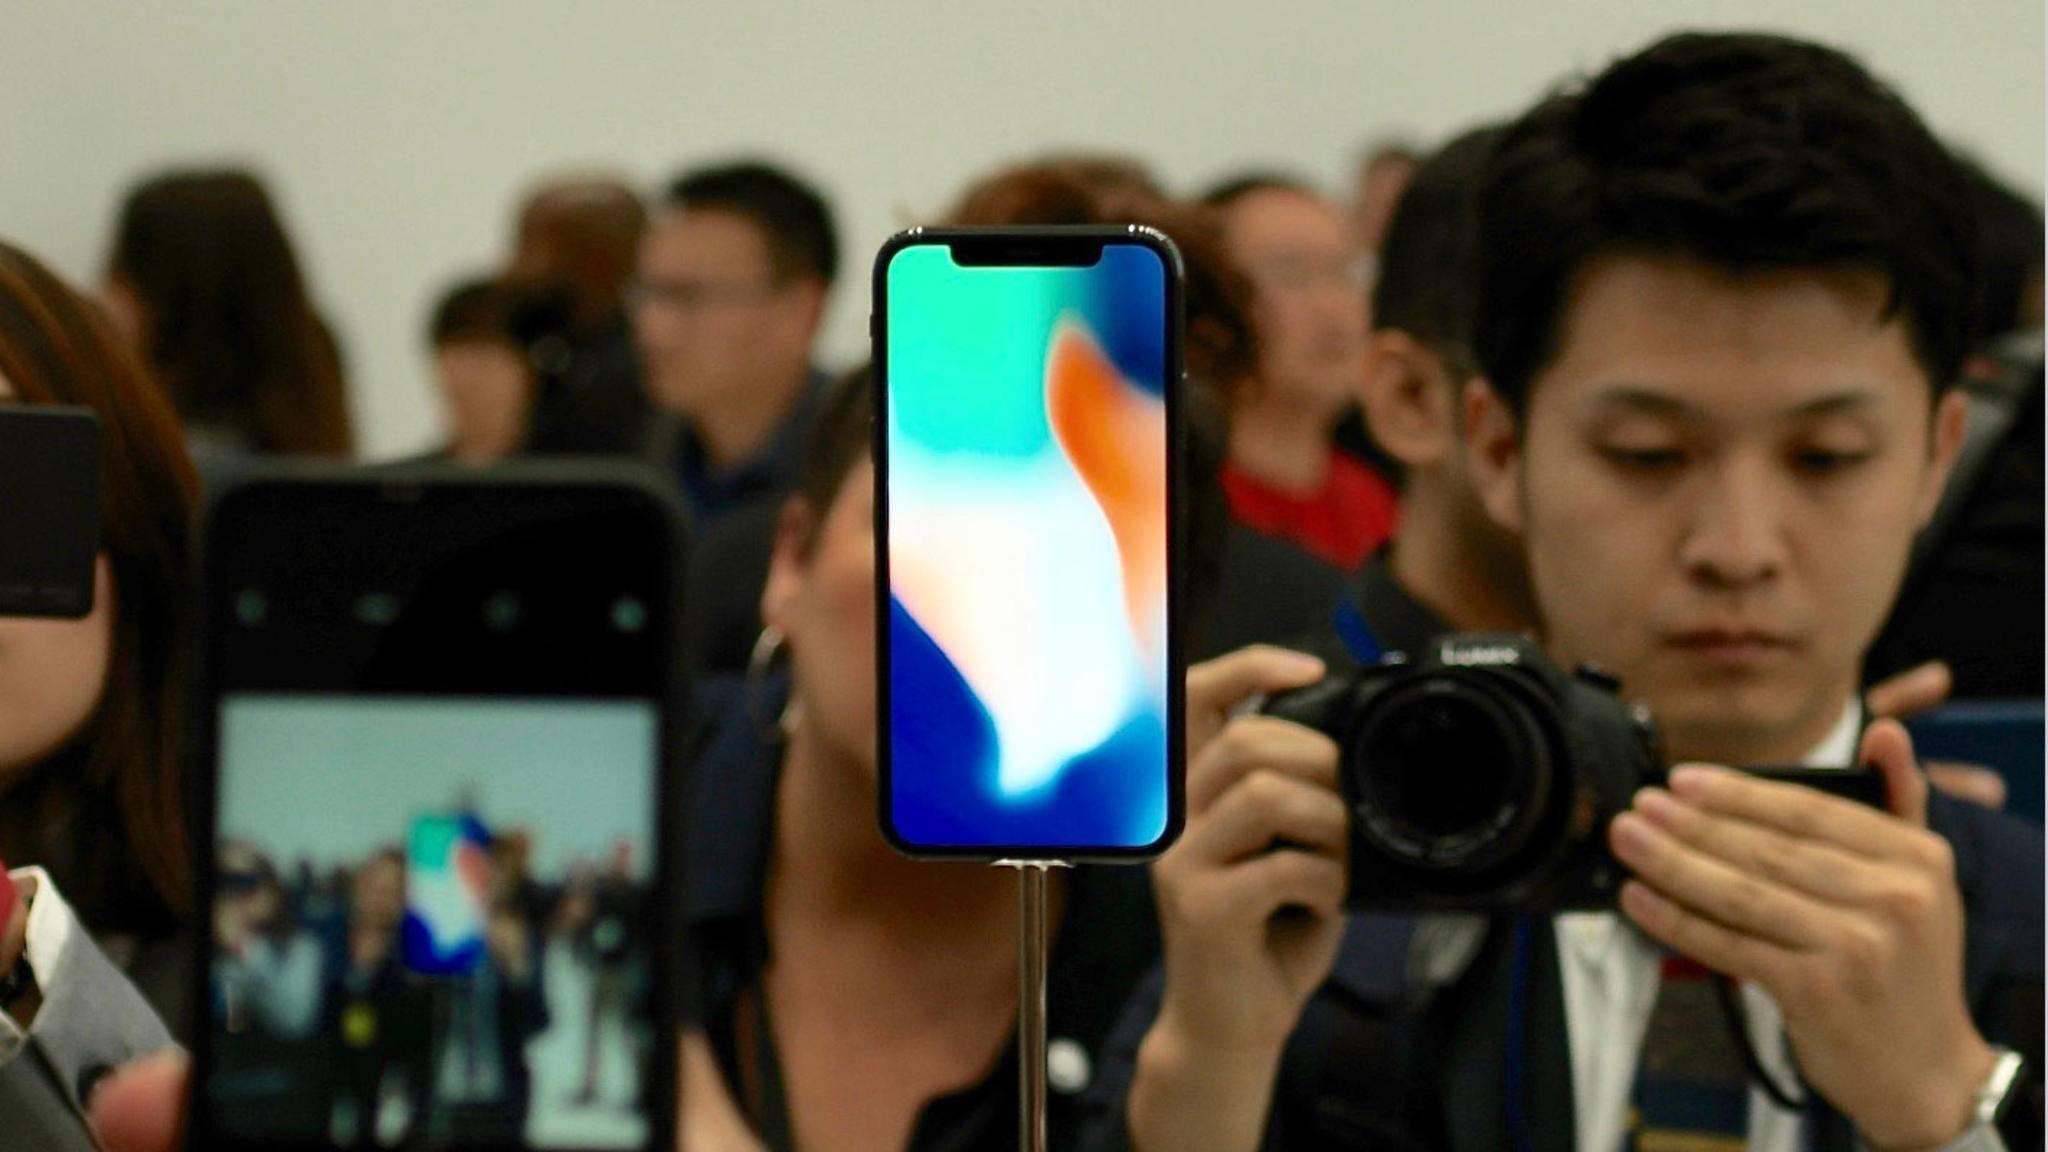 Bei OLED-Displays, wie das iPhone X eines besitzt, ist Einbrennen ein bekanntes Problem.